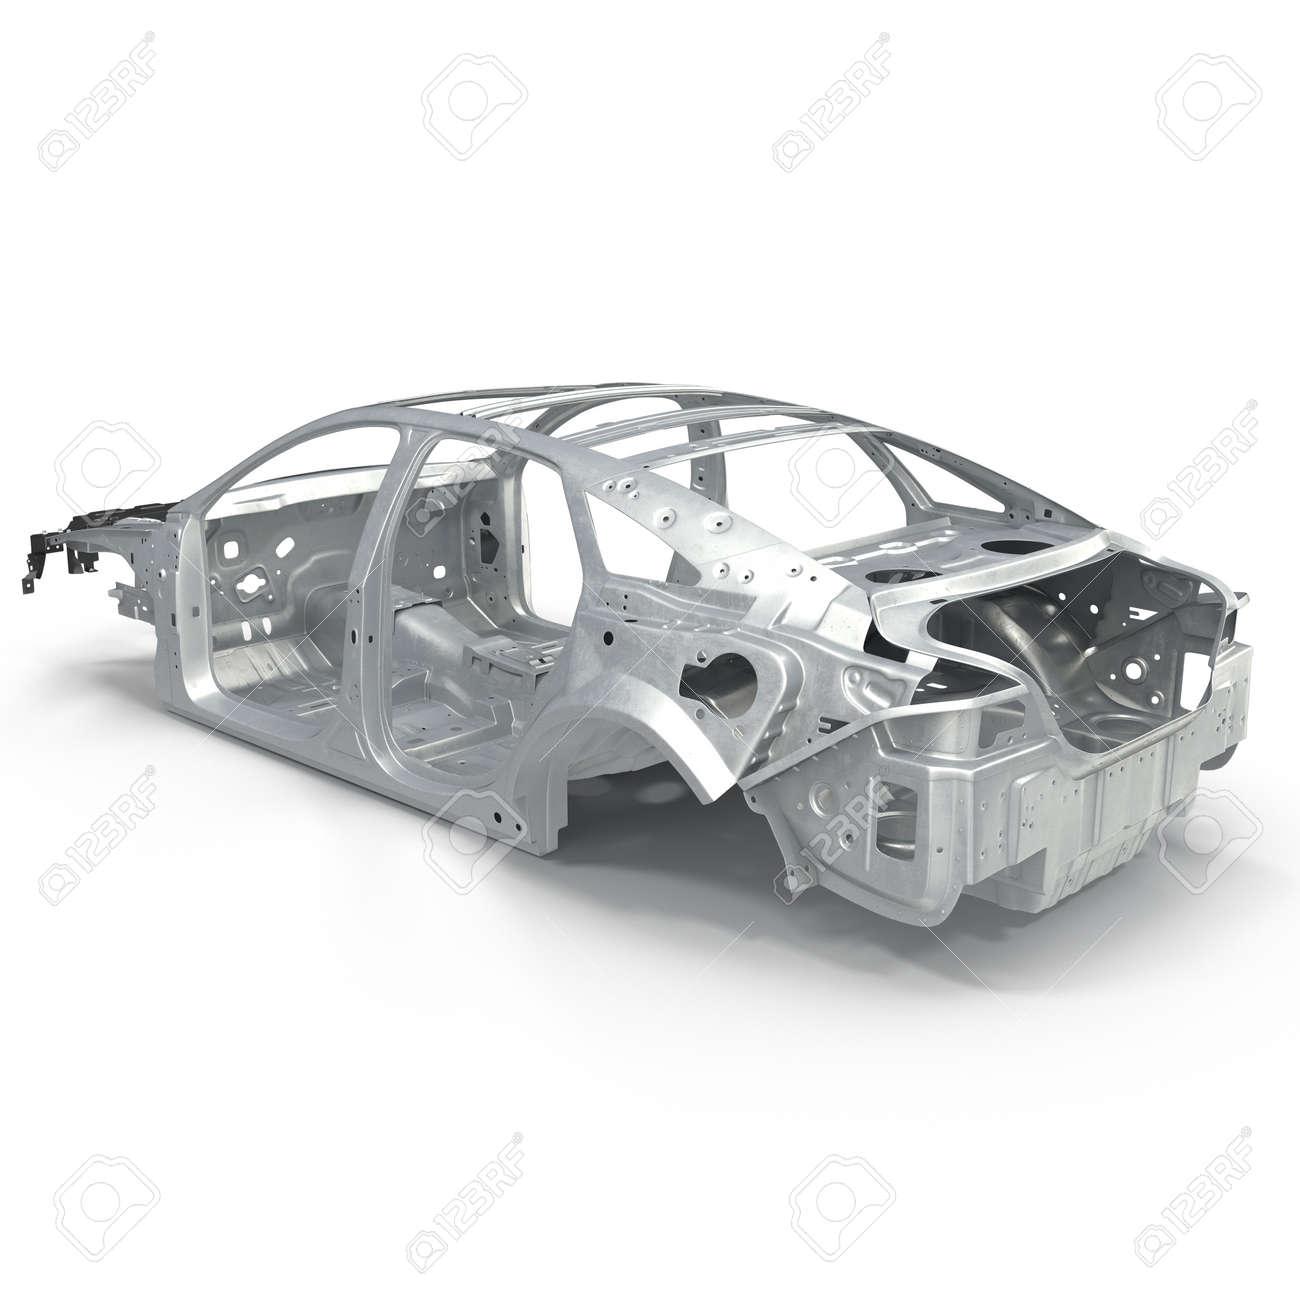 Auto-Rahmen Ohne Chassis Auf Weißem Hintergrund. 3D-Darstellung ...